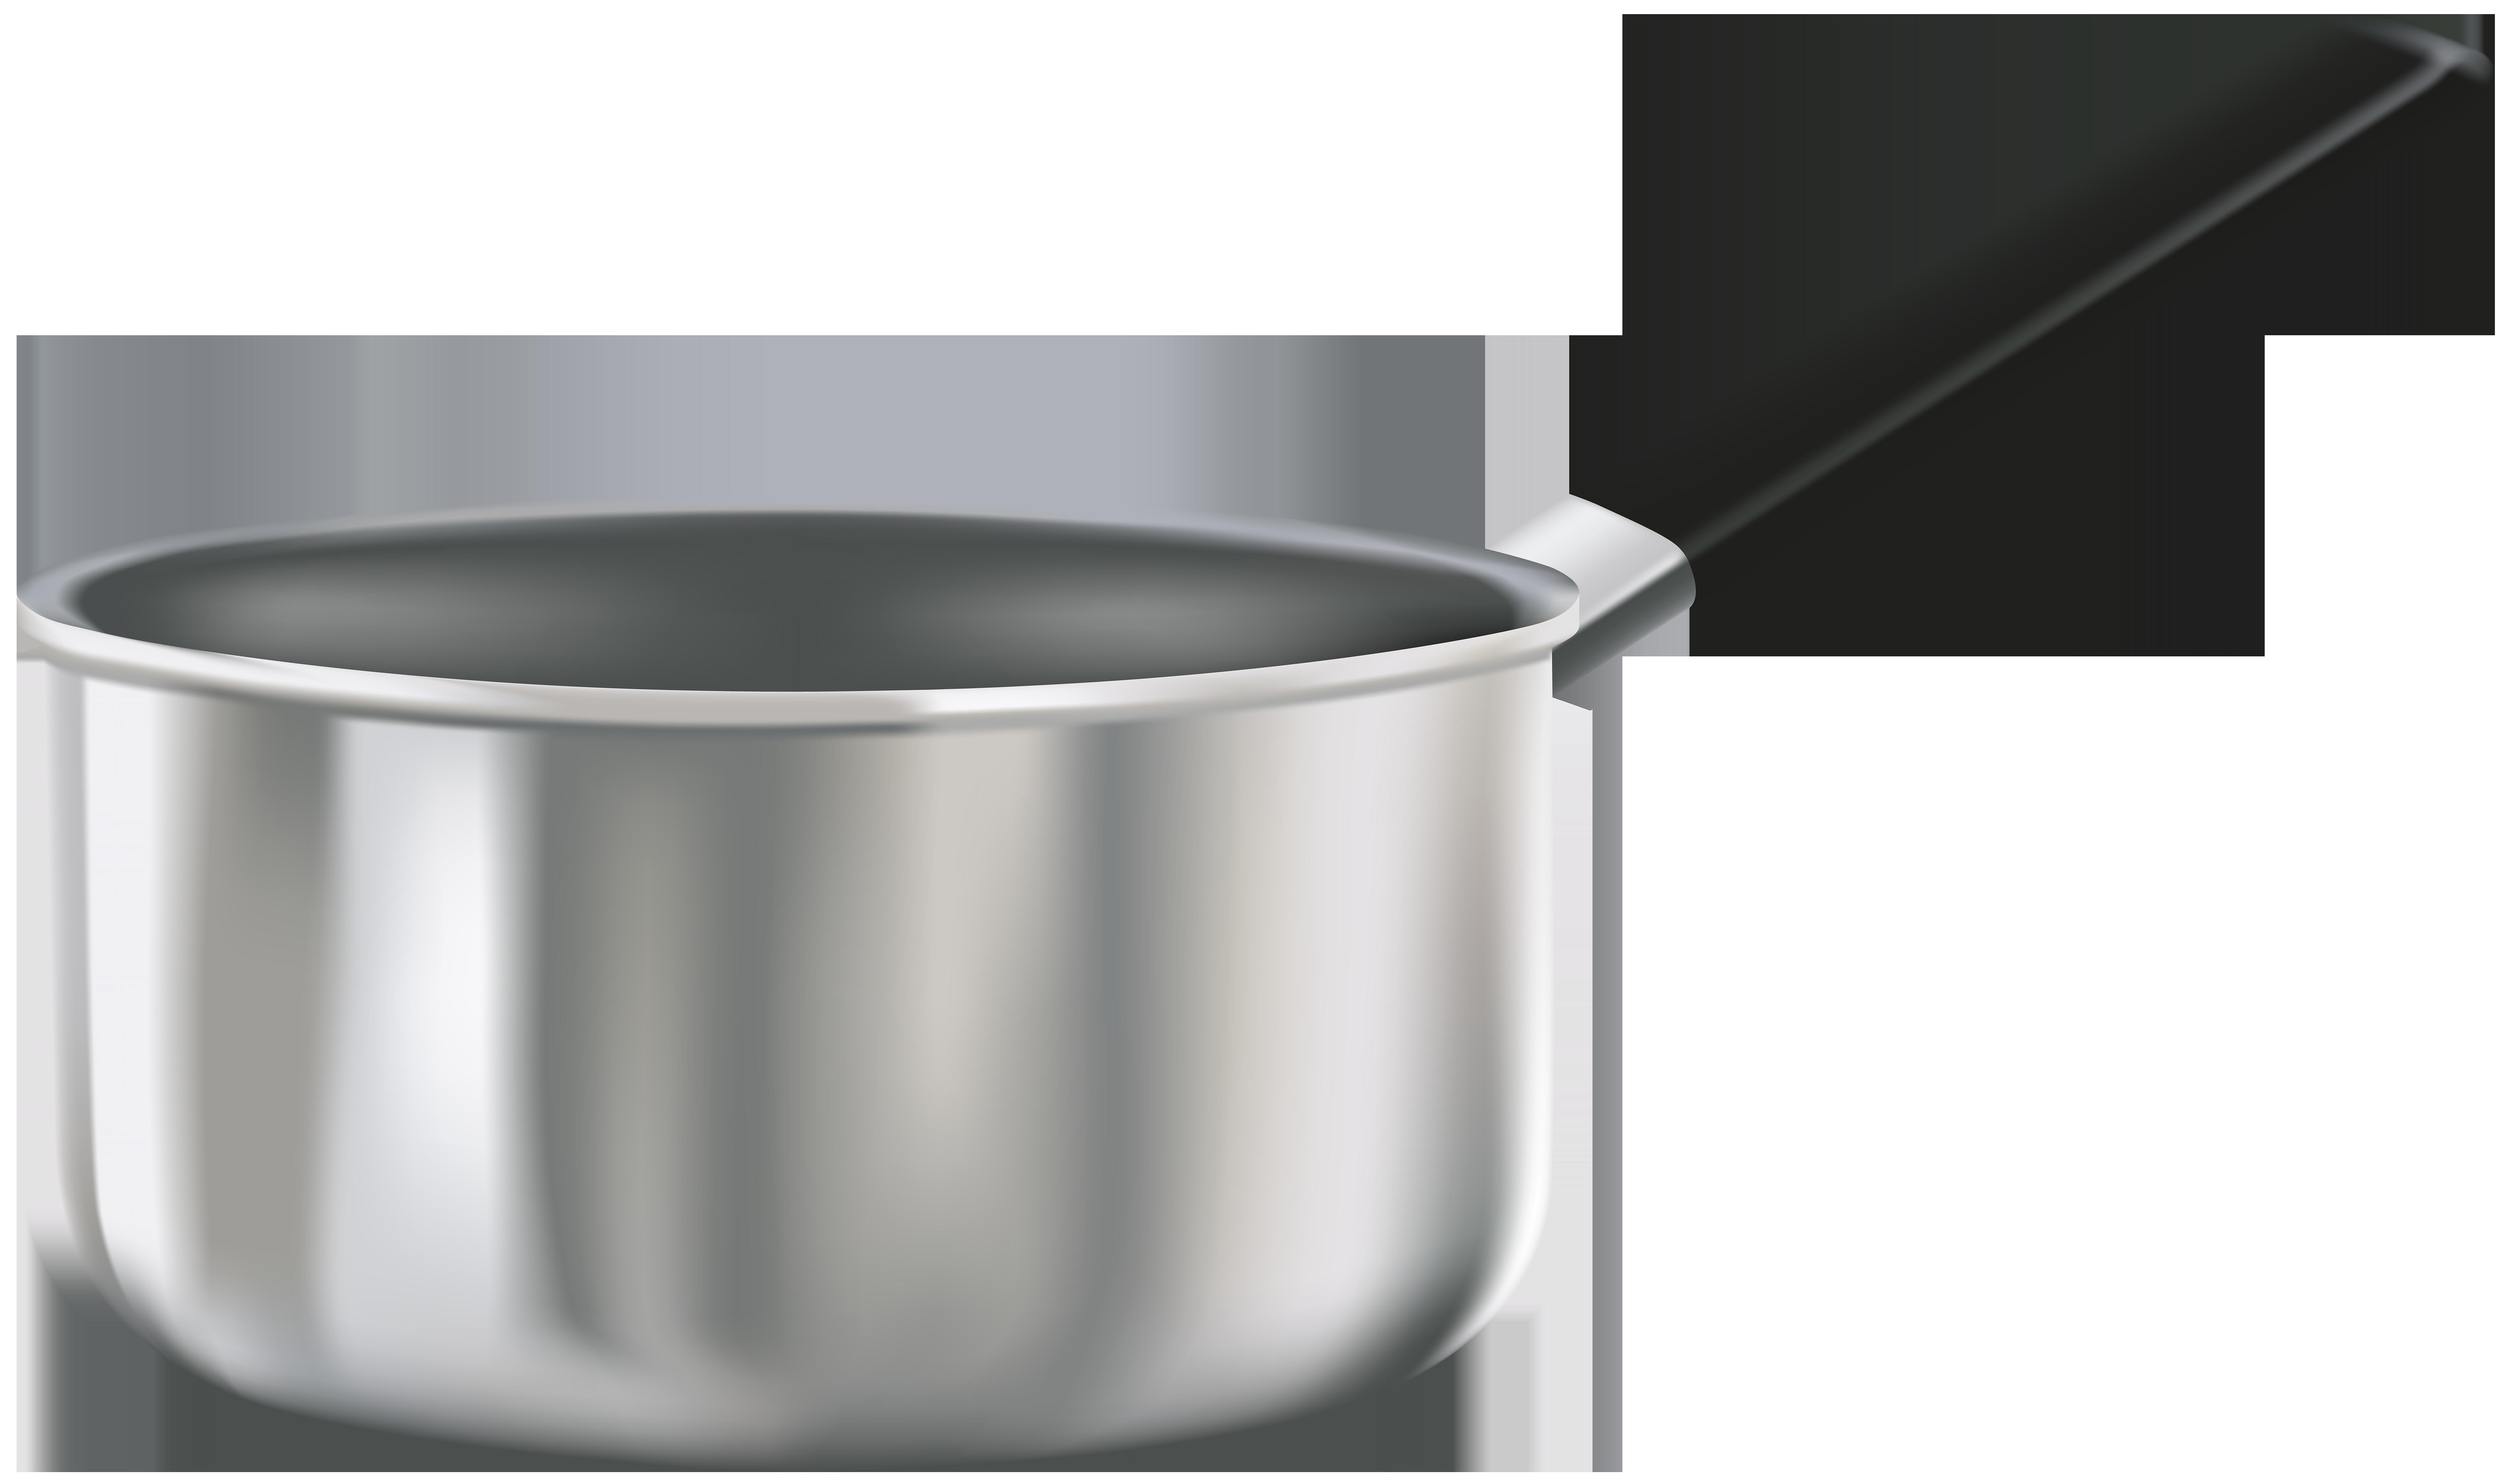 Small Soup Pot PNG Clip Art.